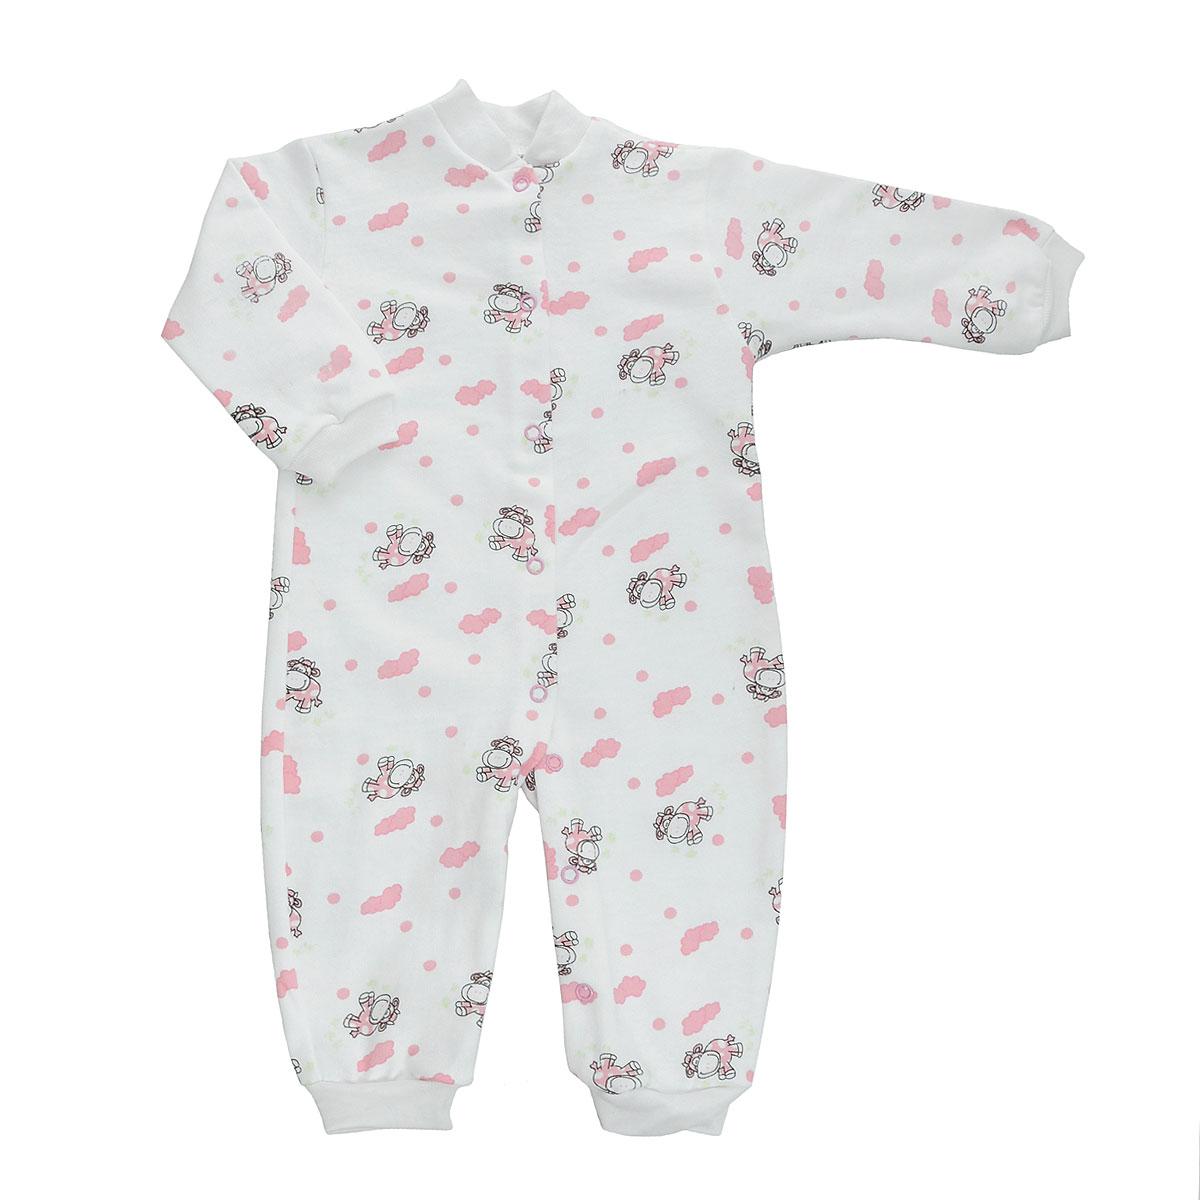 Комбинезон детский Трон-Плюс, цвет: белый, розовый, рисунок коровы. 5823. Размер 74, 9 месяцев5823Удобный детский комбинезон Трон-плюс послужит идеальным дополнением к гардеробу ребенка. Комбинезон изготовлен из натурального хлопка, благодаря чему он необычайно мягкий и легкий, не раздражает нежную кожу ребенка и хорошо вентилируется, а эластичные швы приятны телу малыша и не препятствуют его движениям. Комбинезон с небольшим воротником-стойкой, длинными рукавами и открытыми ножками имеет застежки-кнопки от горловины до щиколоток, которые помогают легко переодеть младенца или сменить подгузник. Низ рукавов и низ брючин дополнен эластичными широкими манжетами. Комбинезон оформлен ярким принтом с изображением забавных животных.С детским комбинезоном Трон-плюс спинка и ножки вашего ребенка всегда будут в тепле, он идеален для использования днем и незаменим ночью. Комбинезон полностью соответствует особенностям жизни младенца в ранний период, не стесняя и не ограничивая его в движениях!